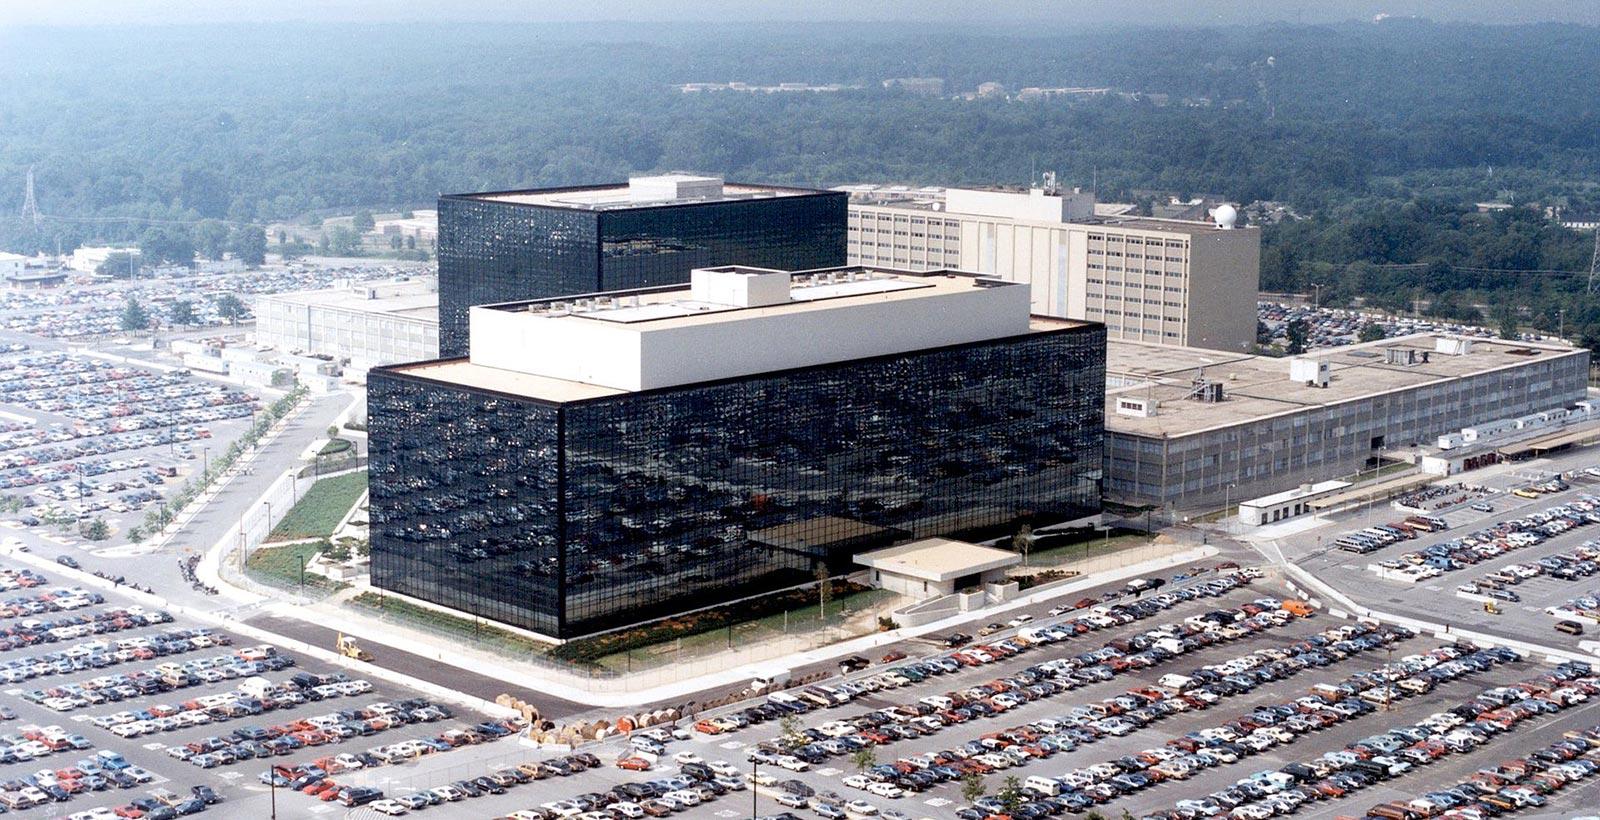 Le siège social de la NSA, situé dans l'état du Maryland.